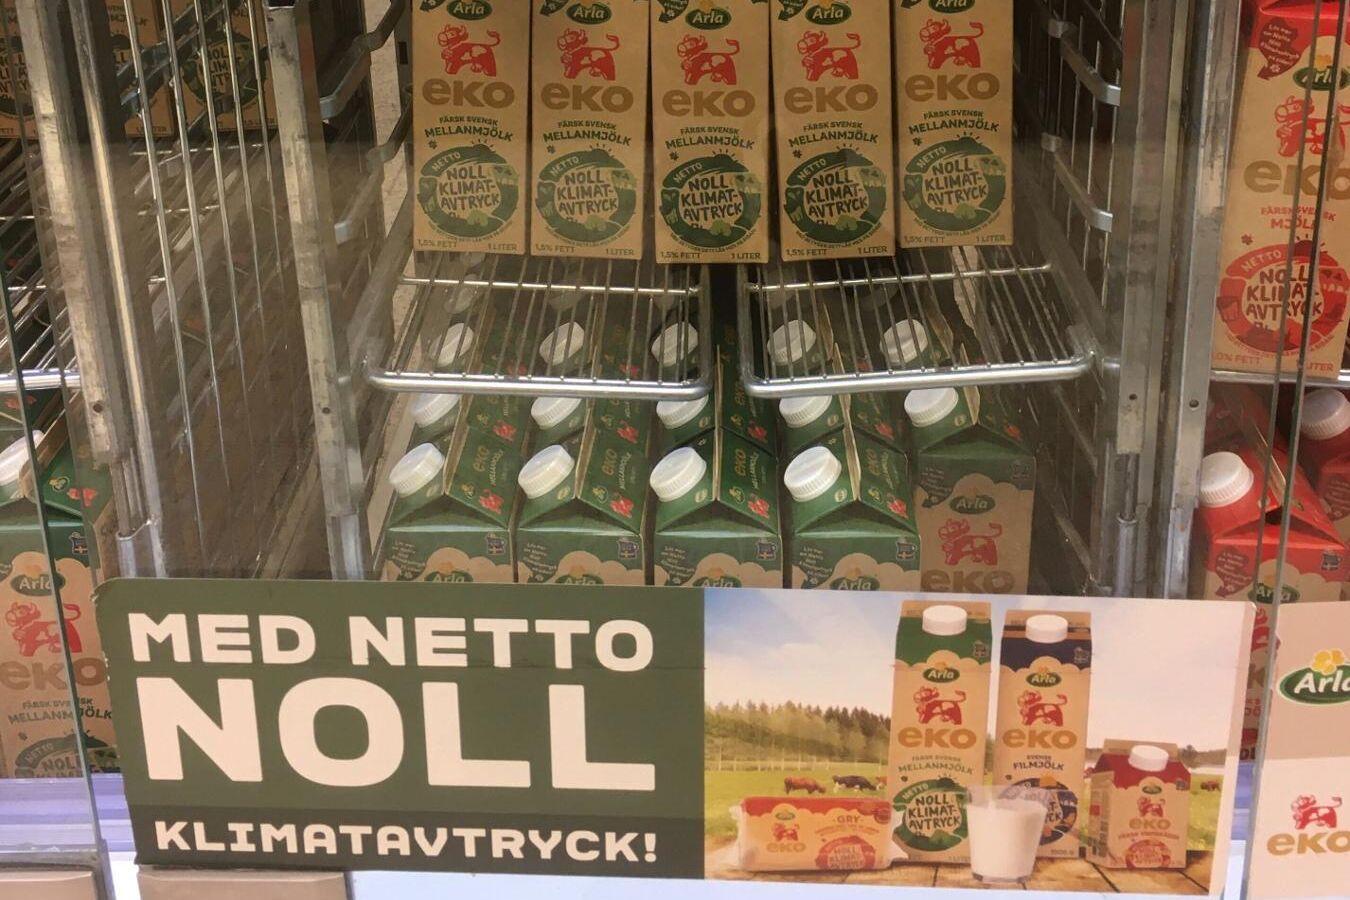 Försäljningen av ekologiska mejerivaror i Sverige fortsätter att backa för tredje året i rad.